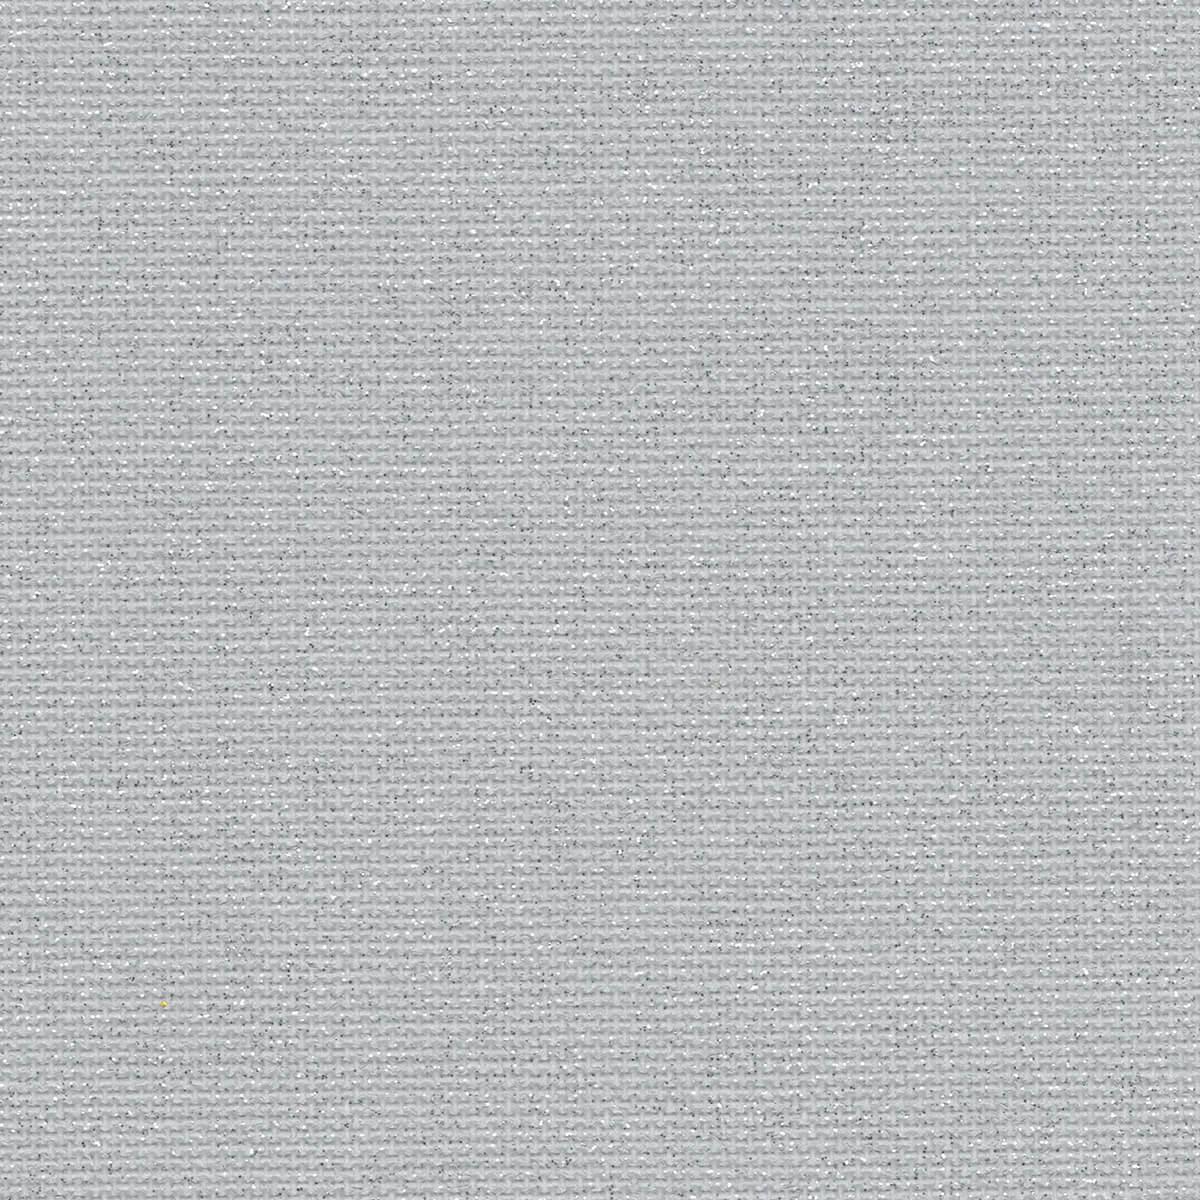 پرده شید با سبک مدرن | جنس پلی استر | کد VSH28| گروه وراتی